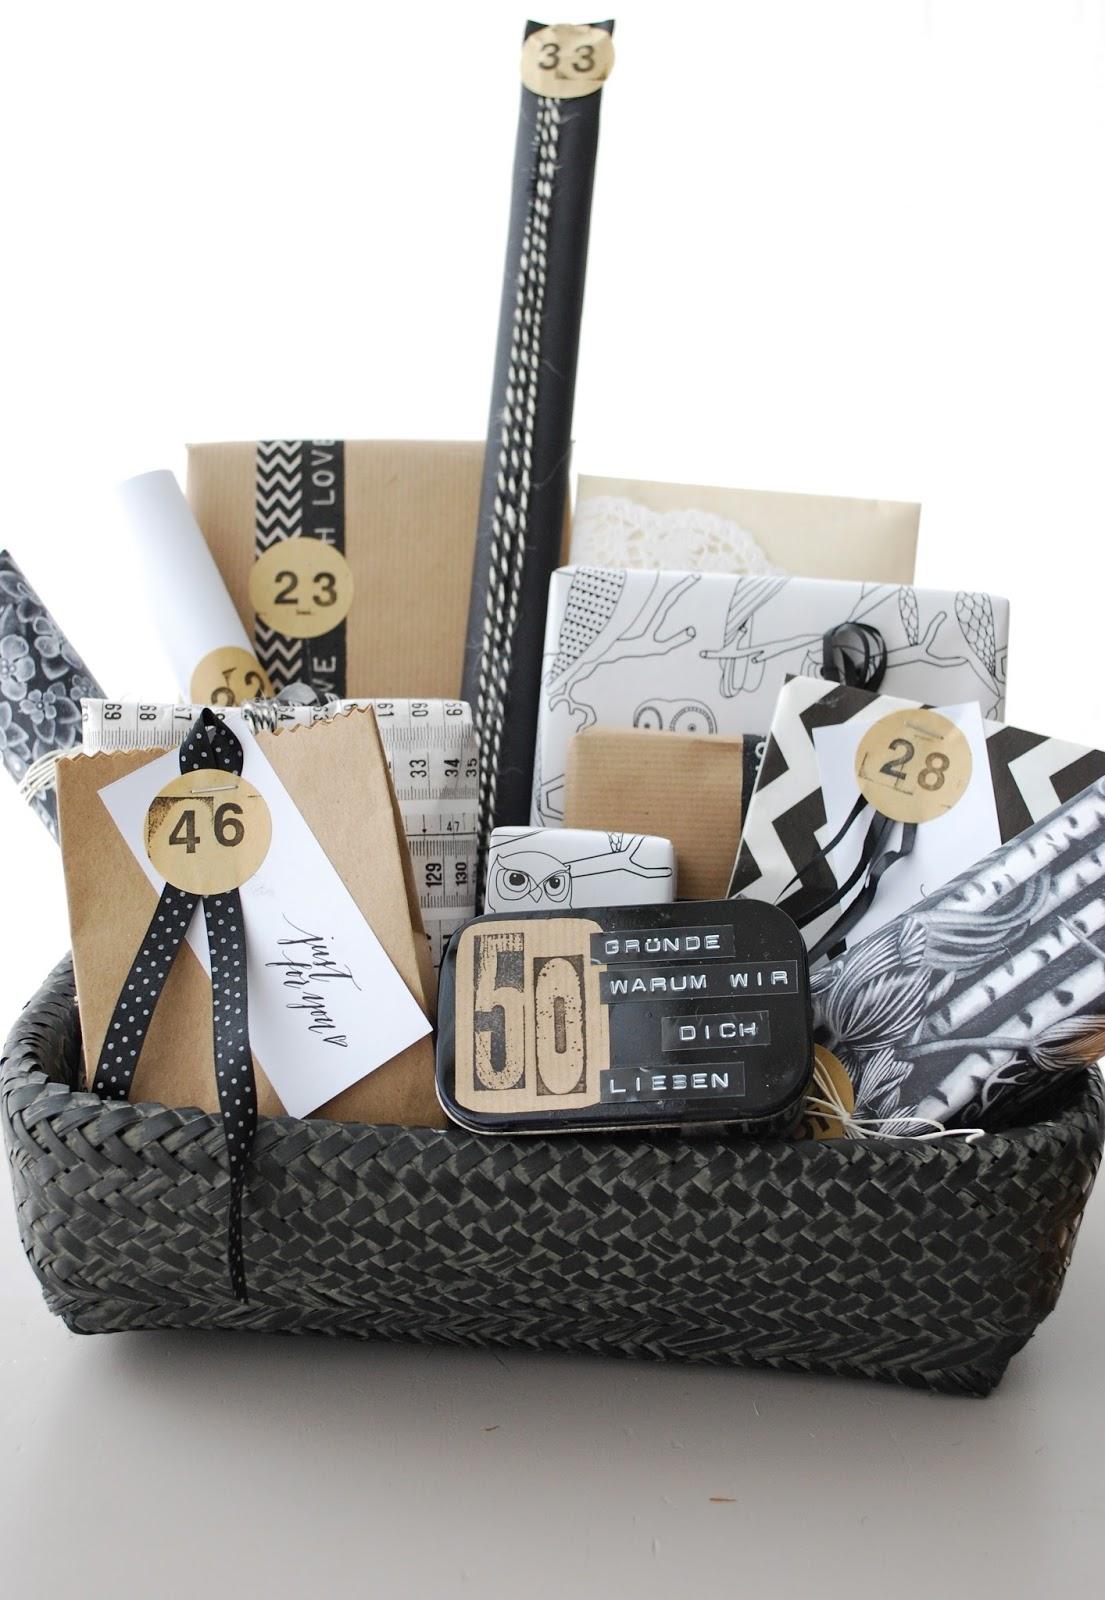 Mamas Kram Geburtstagsgeschenk 1 50 Grunde Warum Wir Dich Lieben